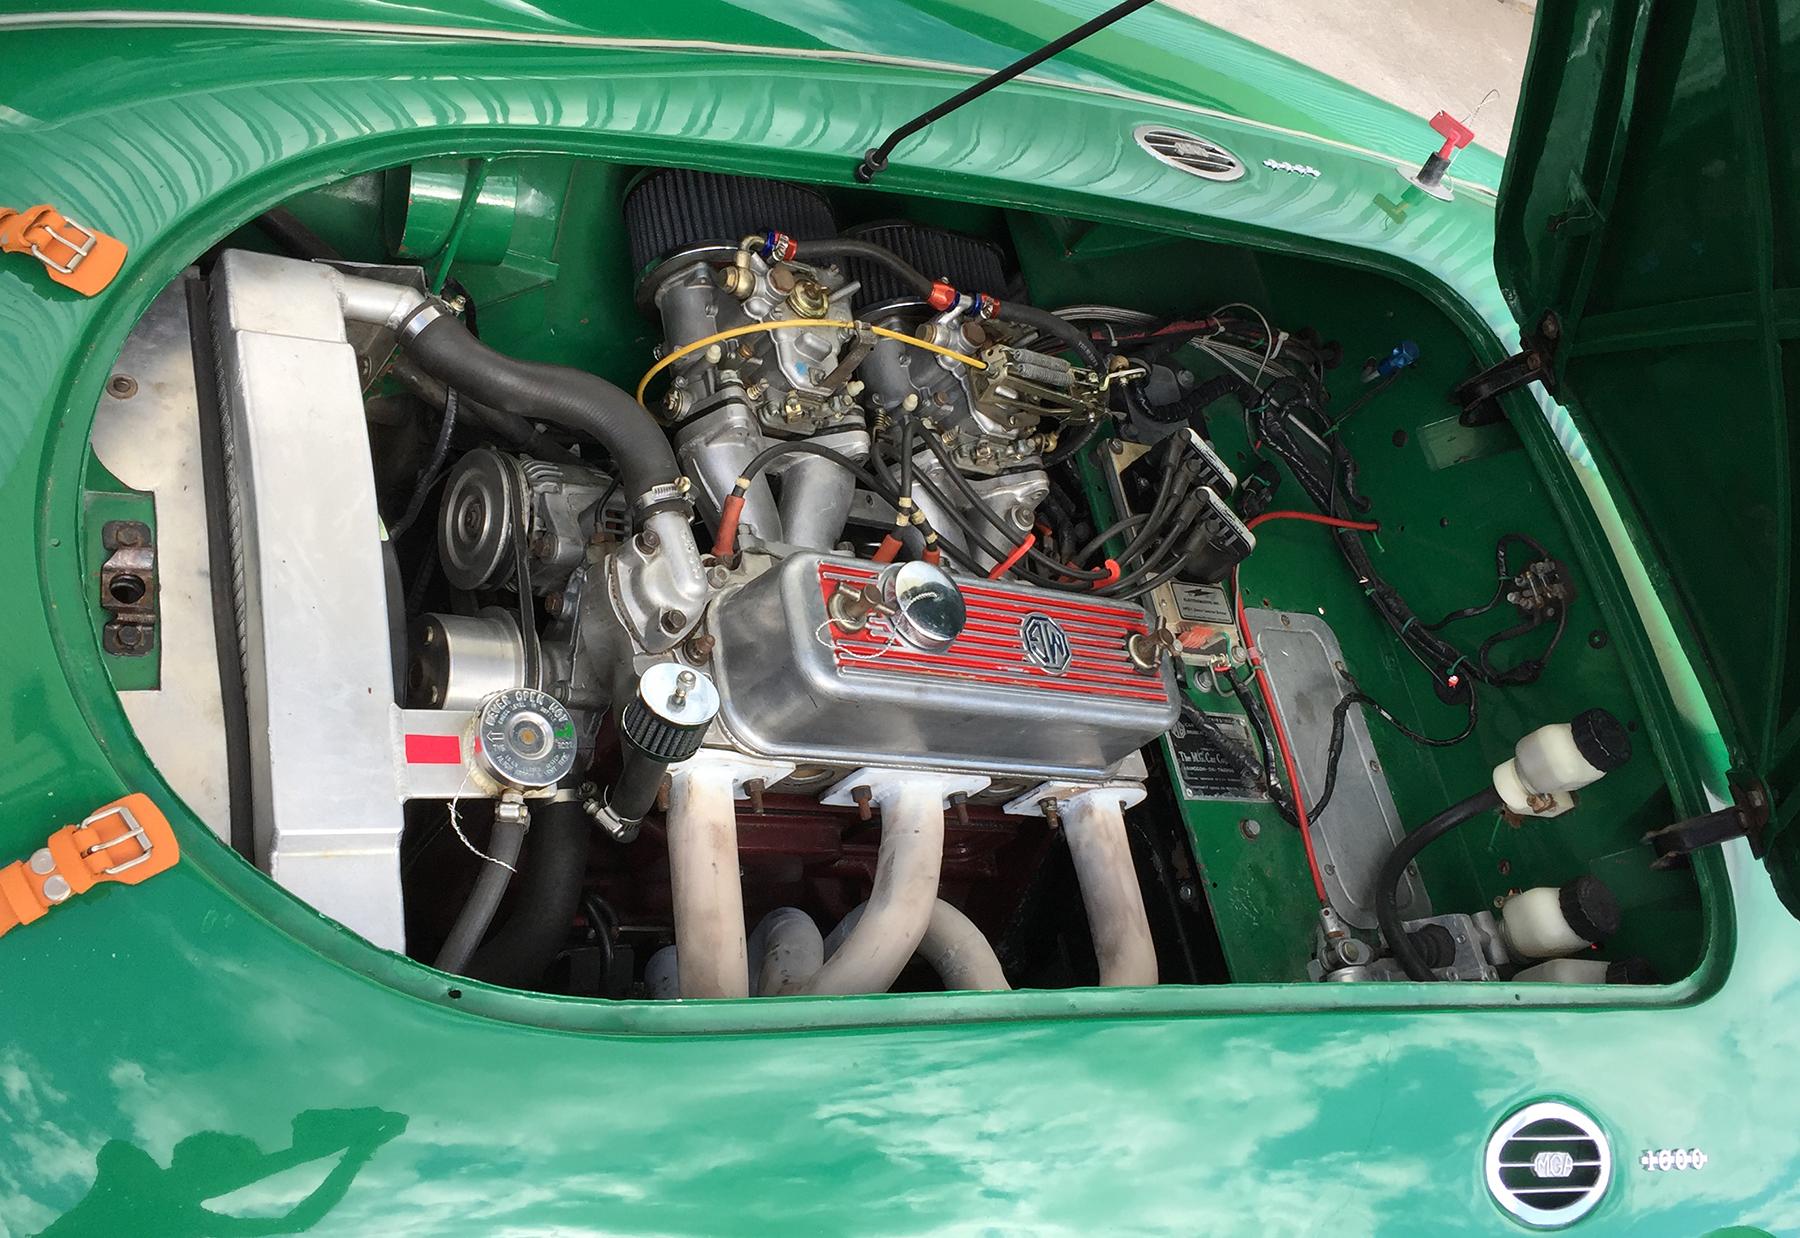 1958 MG MGA Racecar